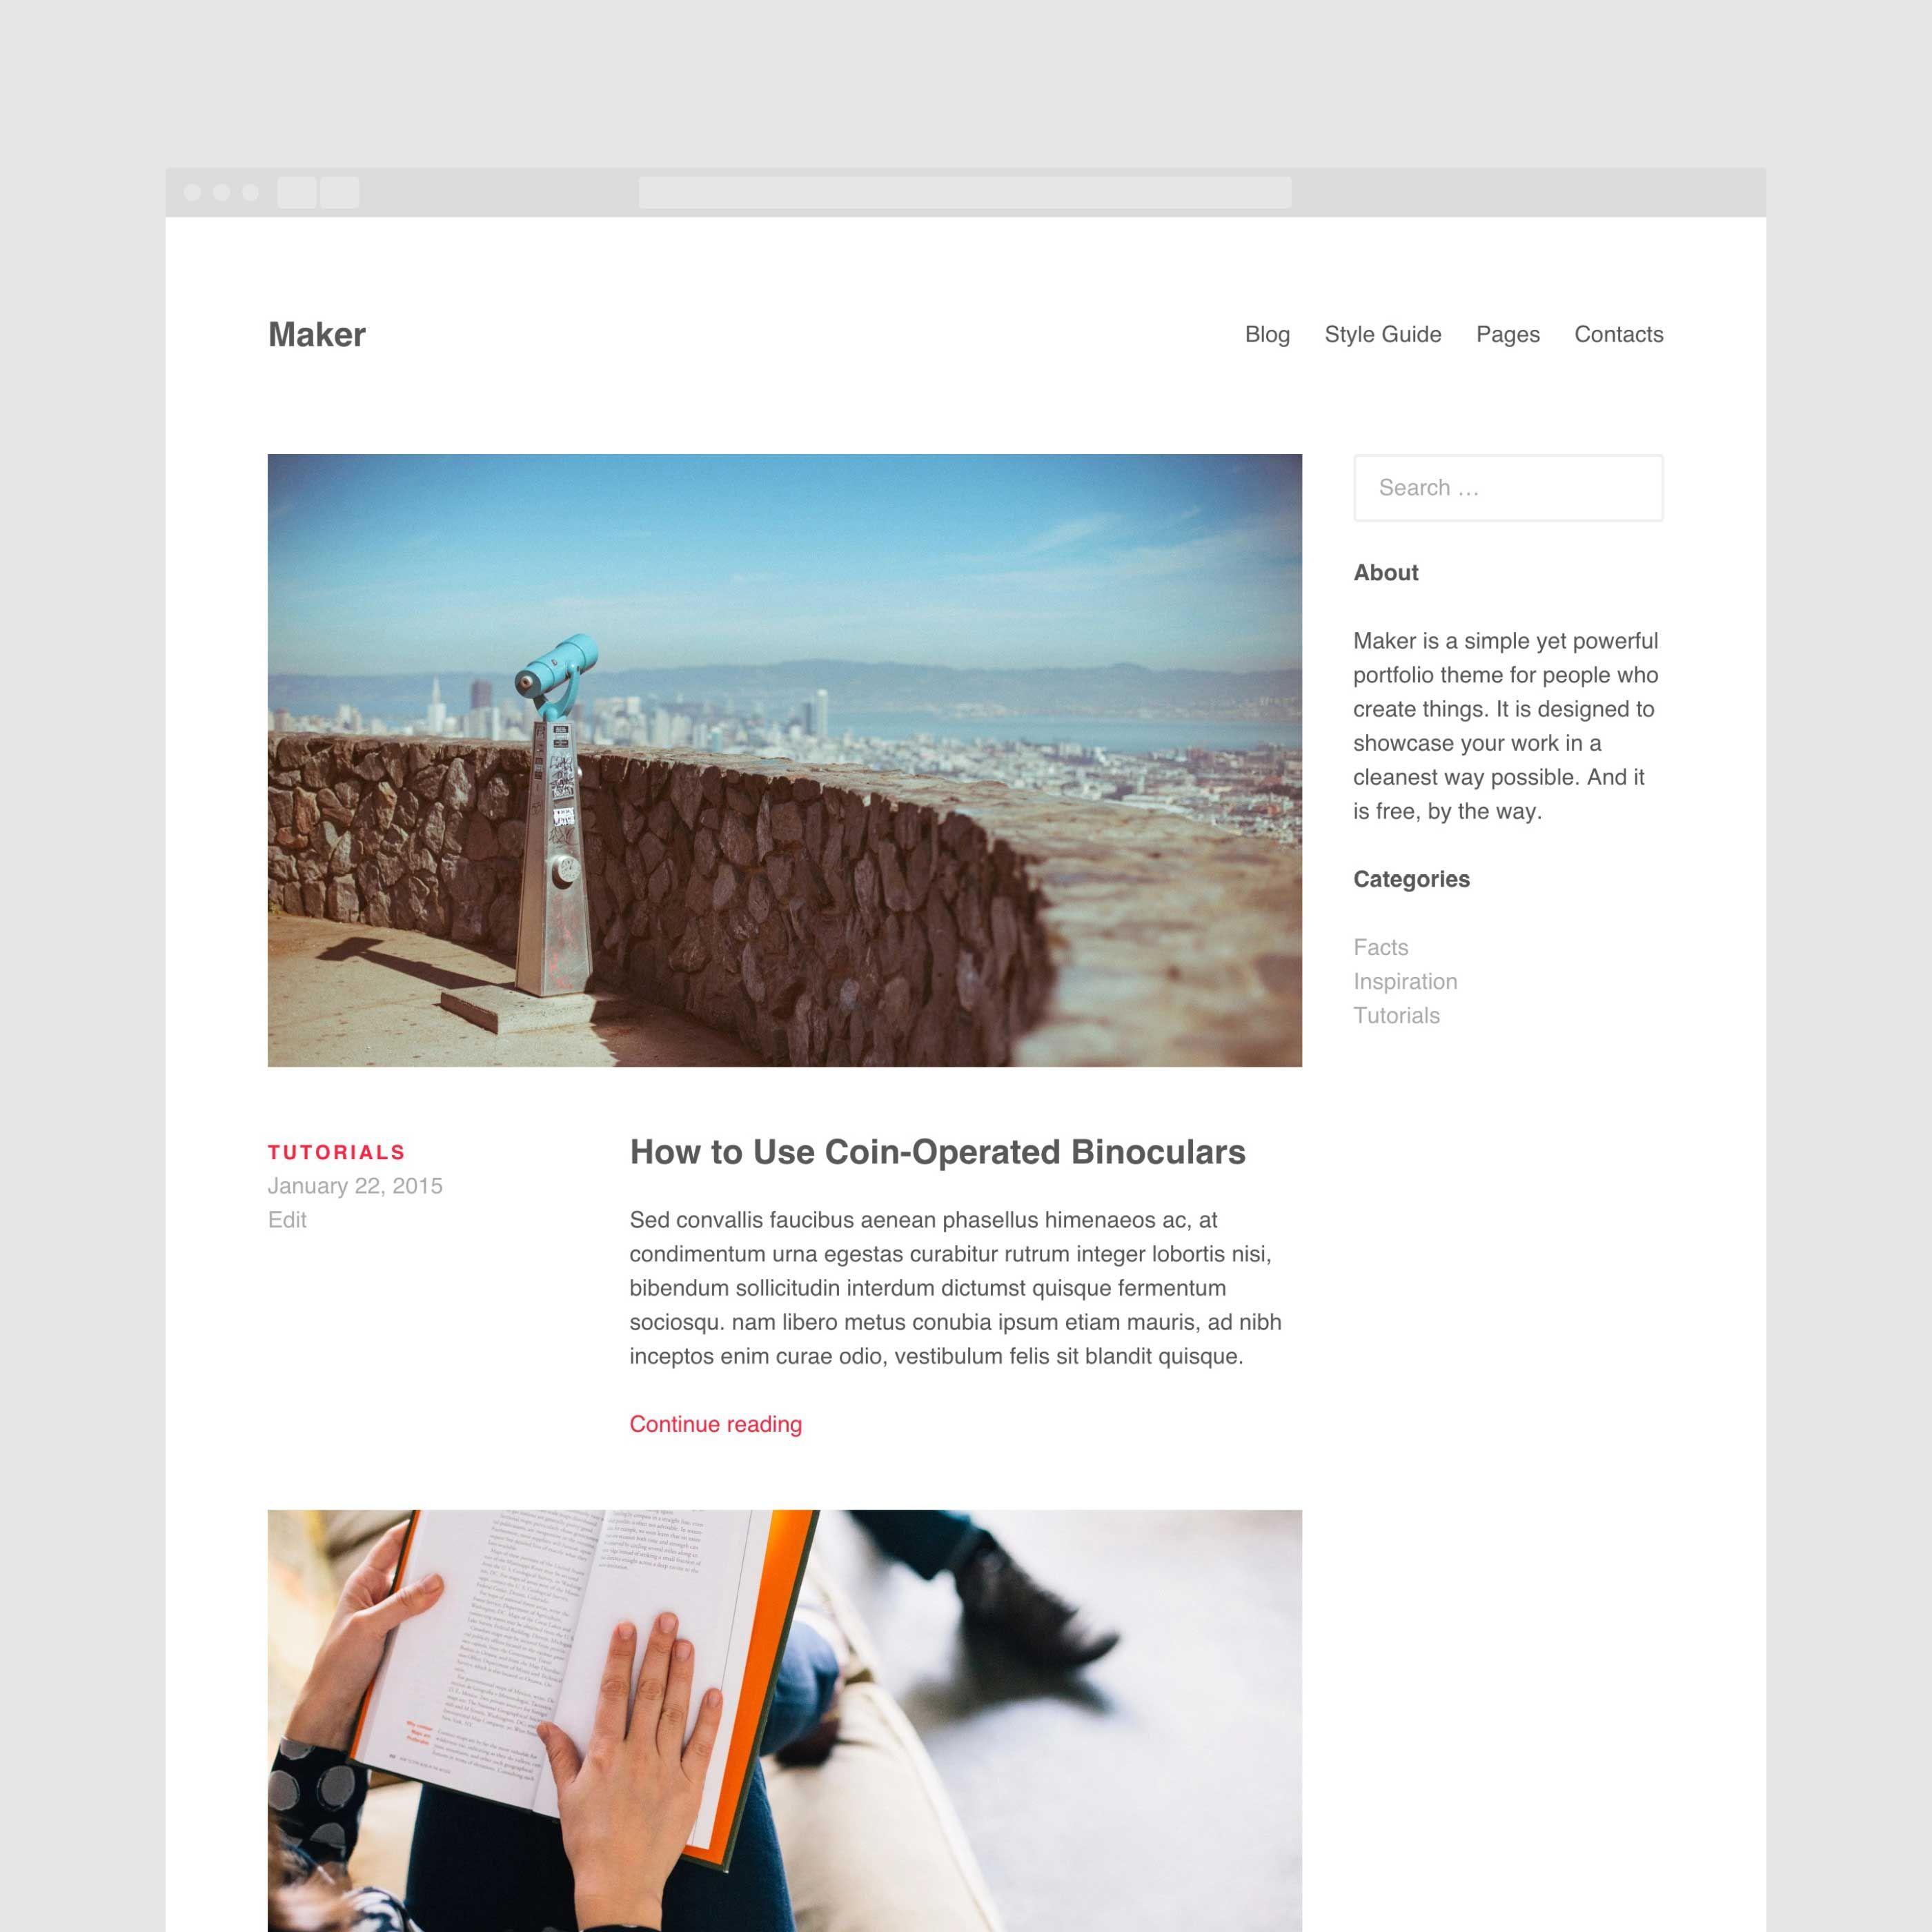 Блог или новости в теме Maker